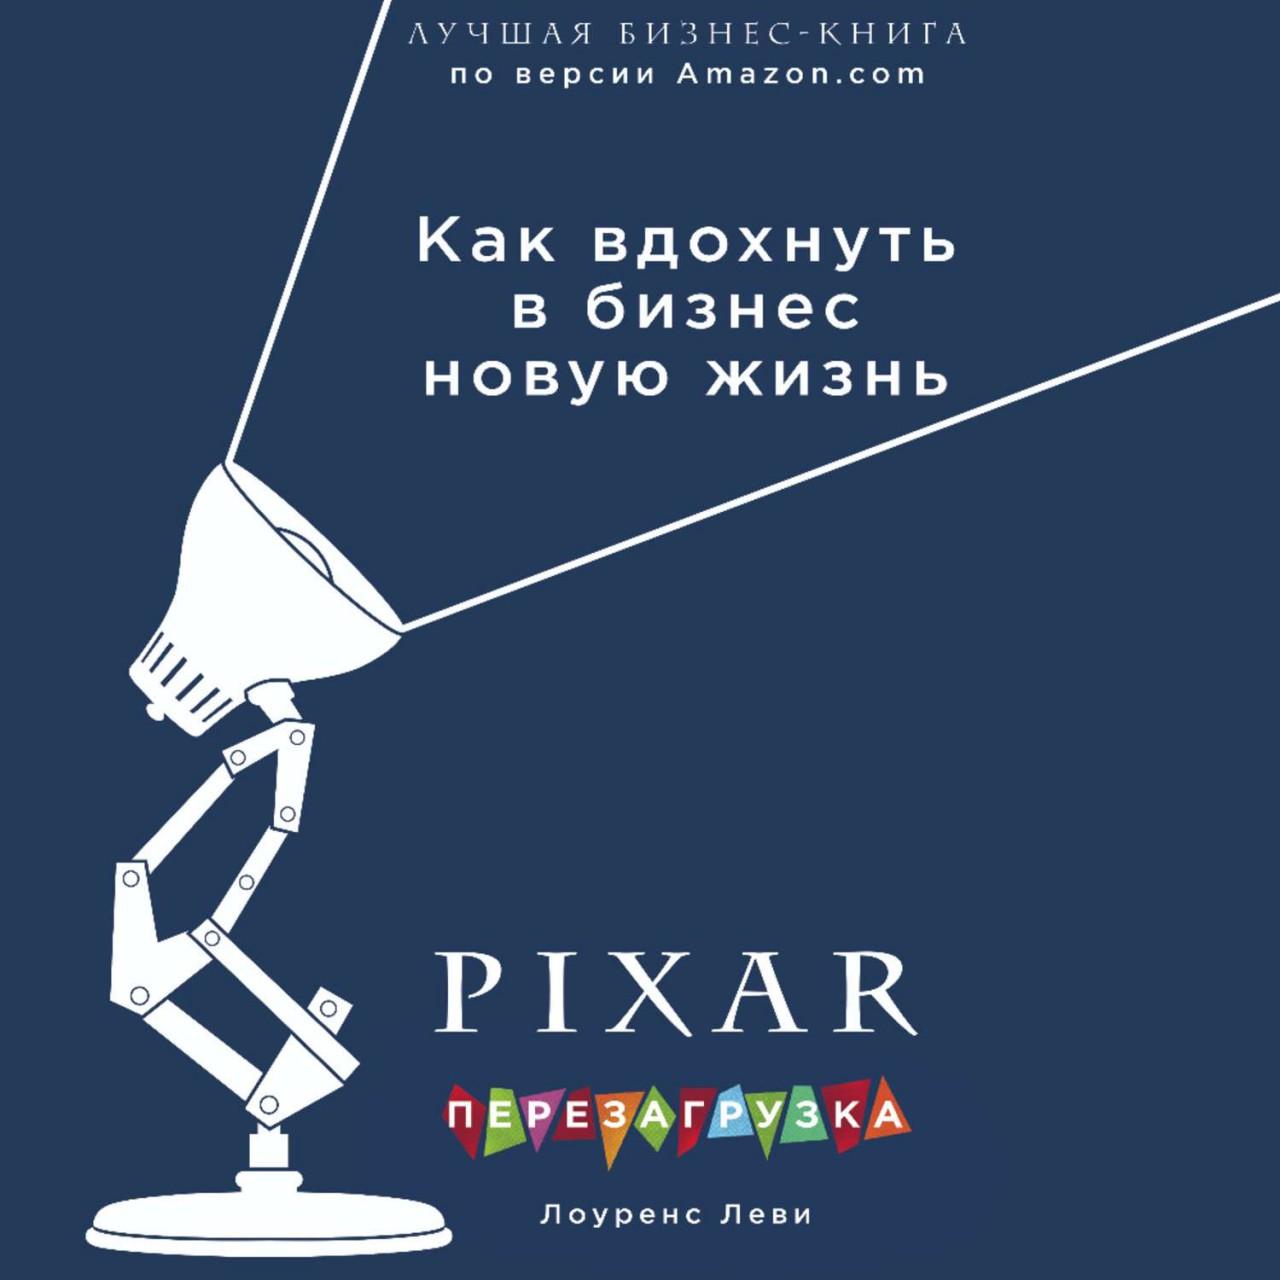 Аудиокнига Pixar озвучка